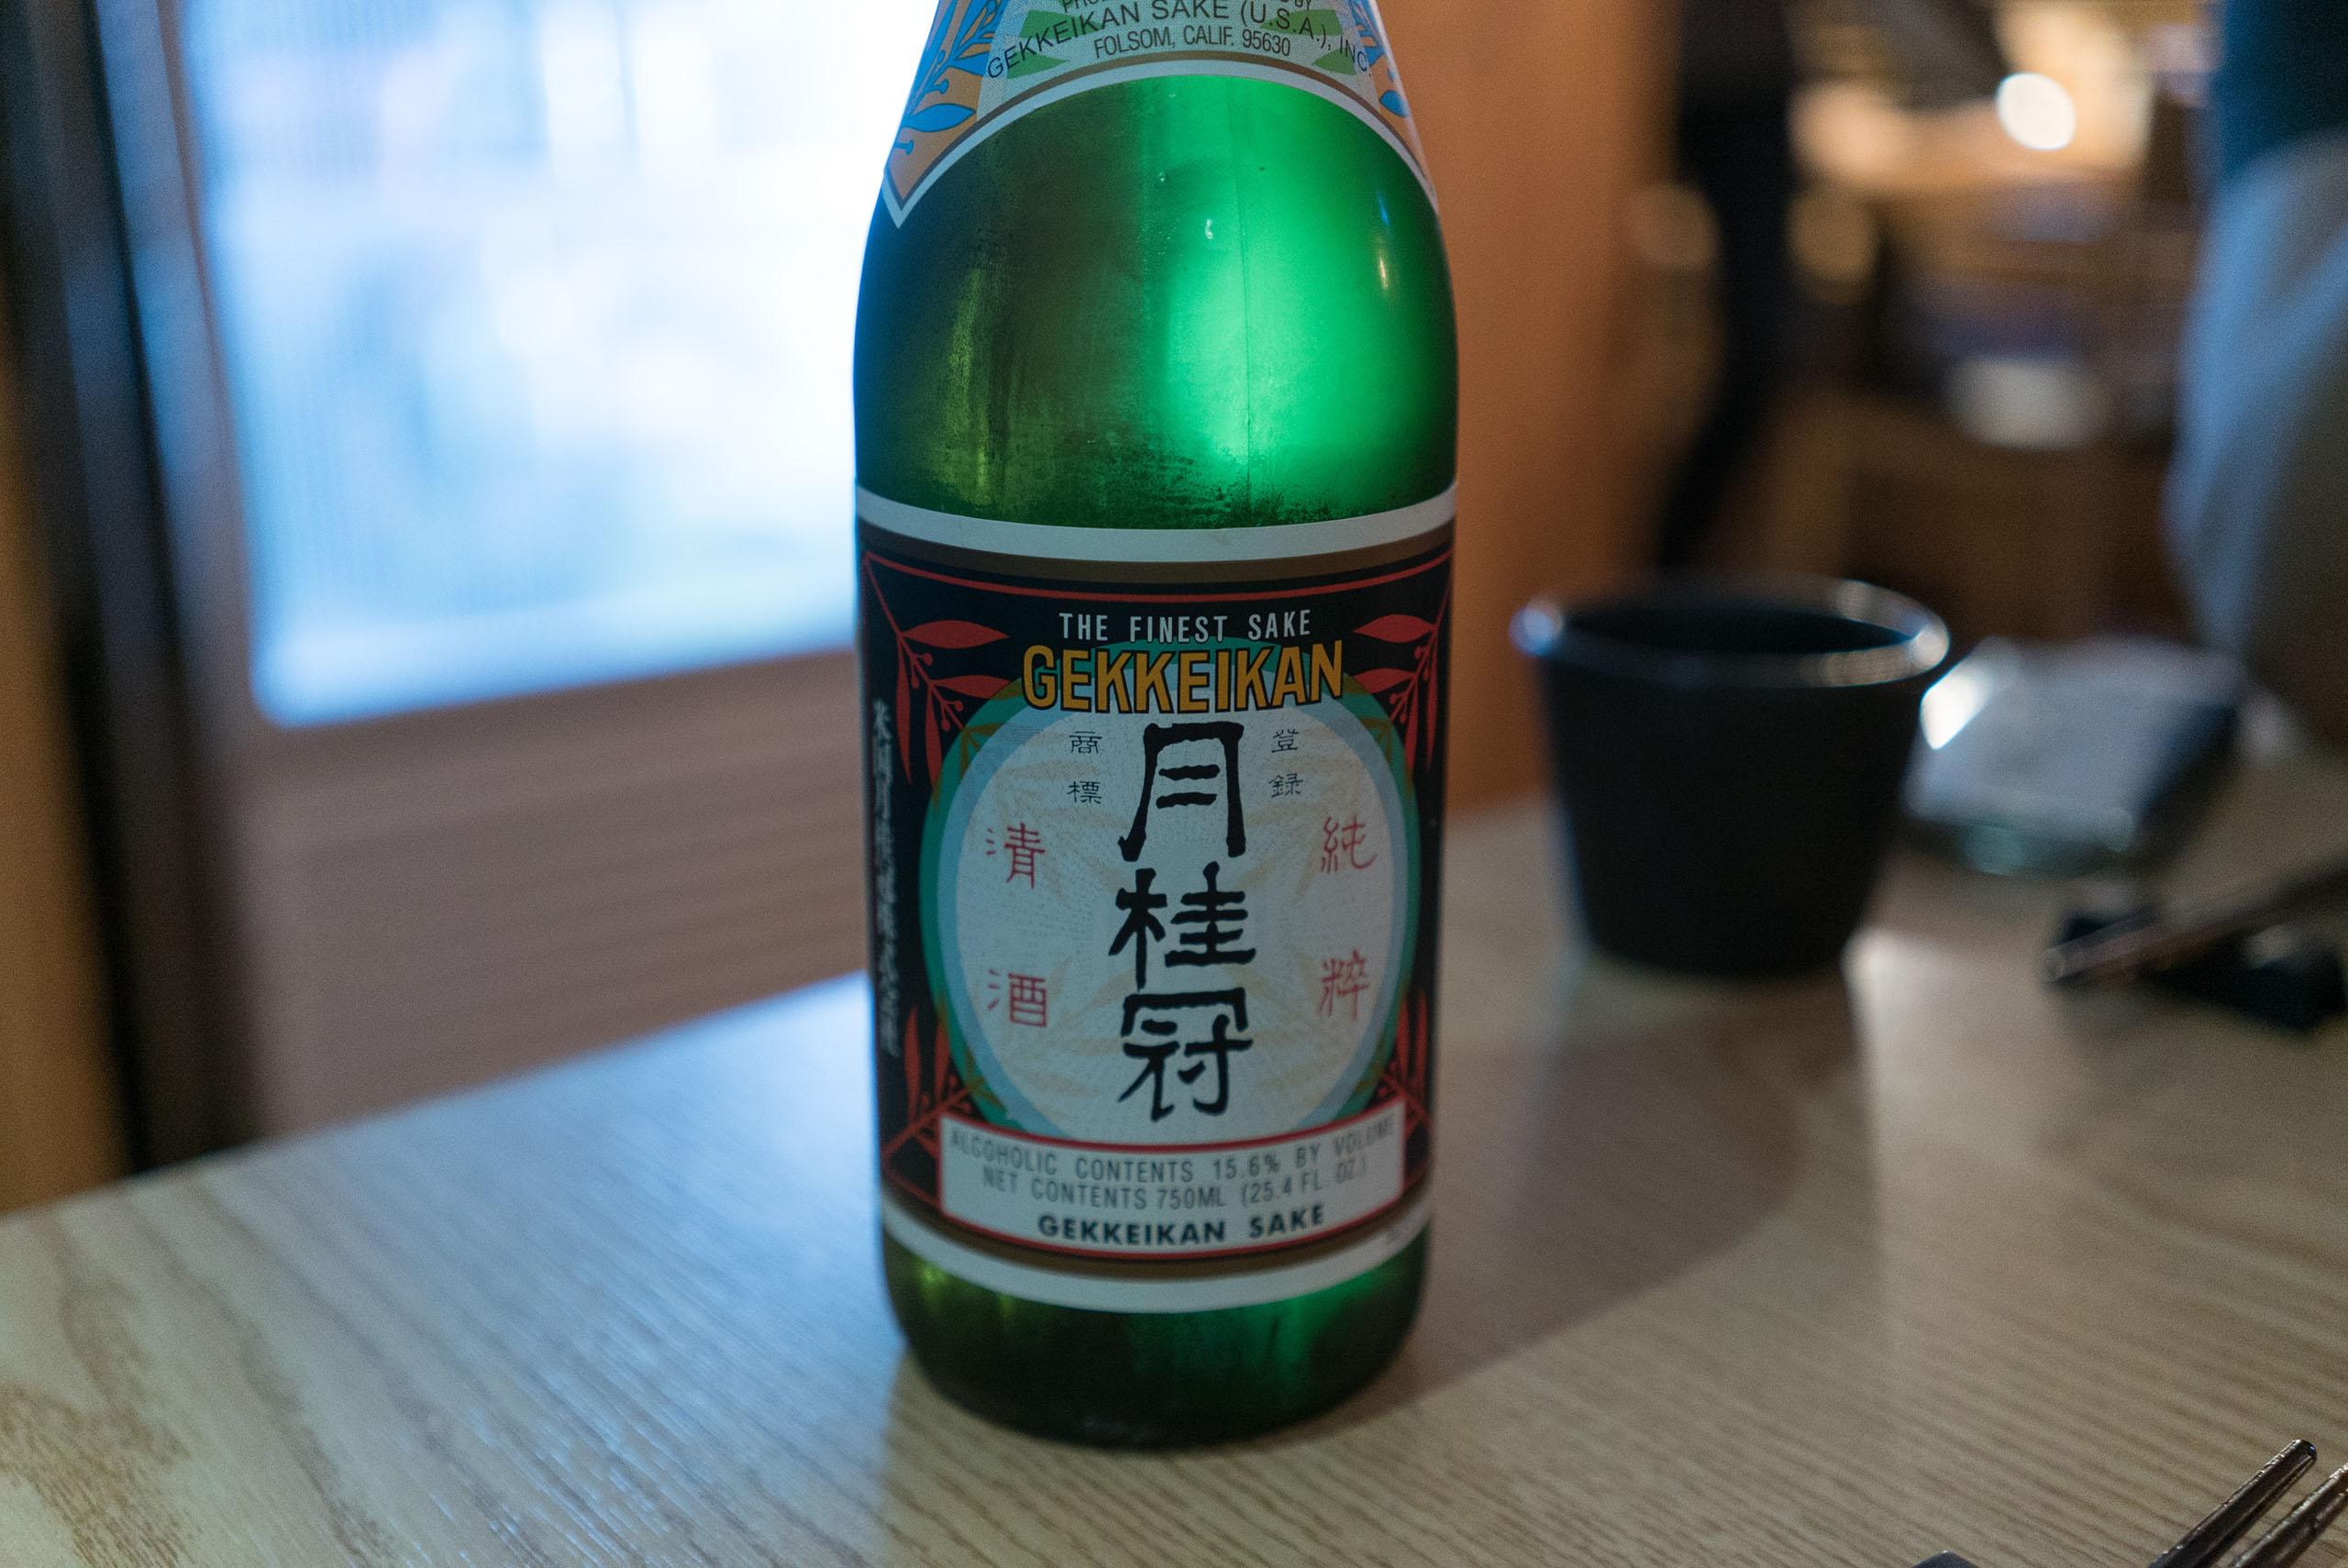 겟케이칸 쥰마이 750